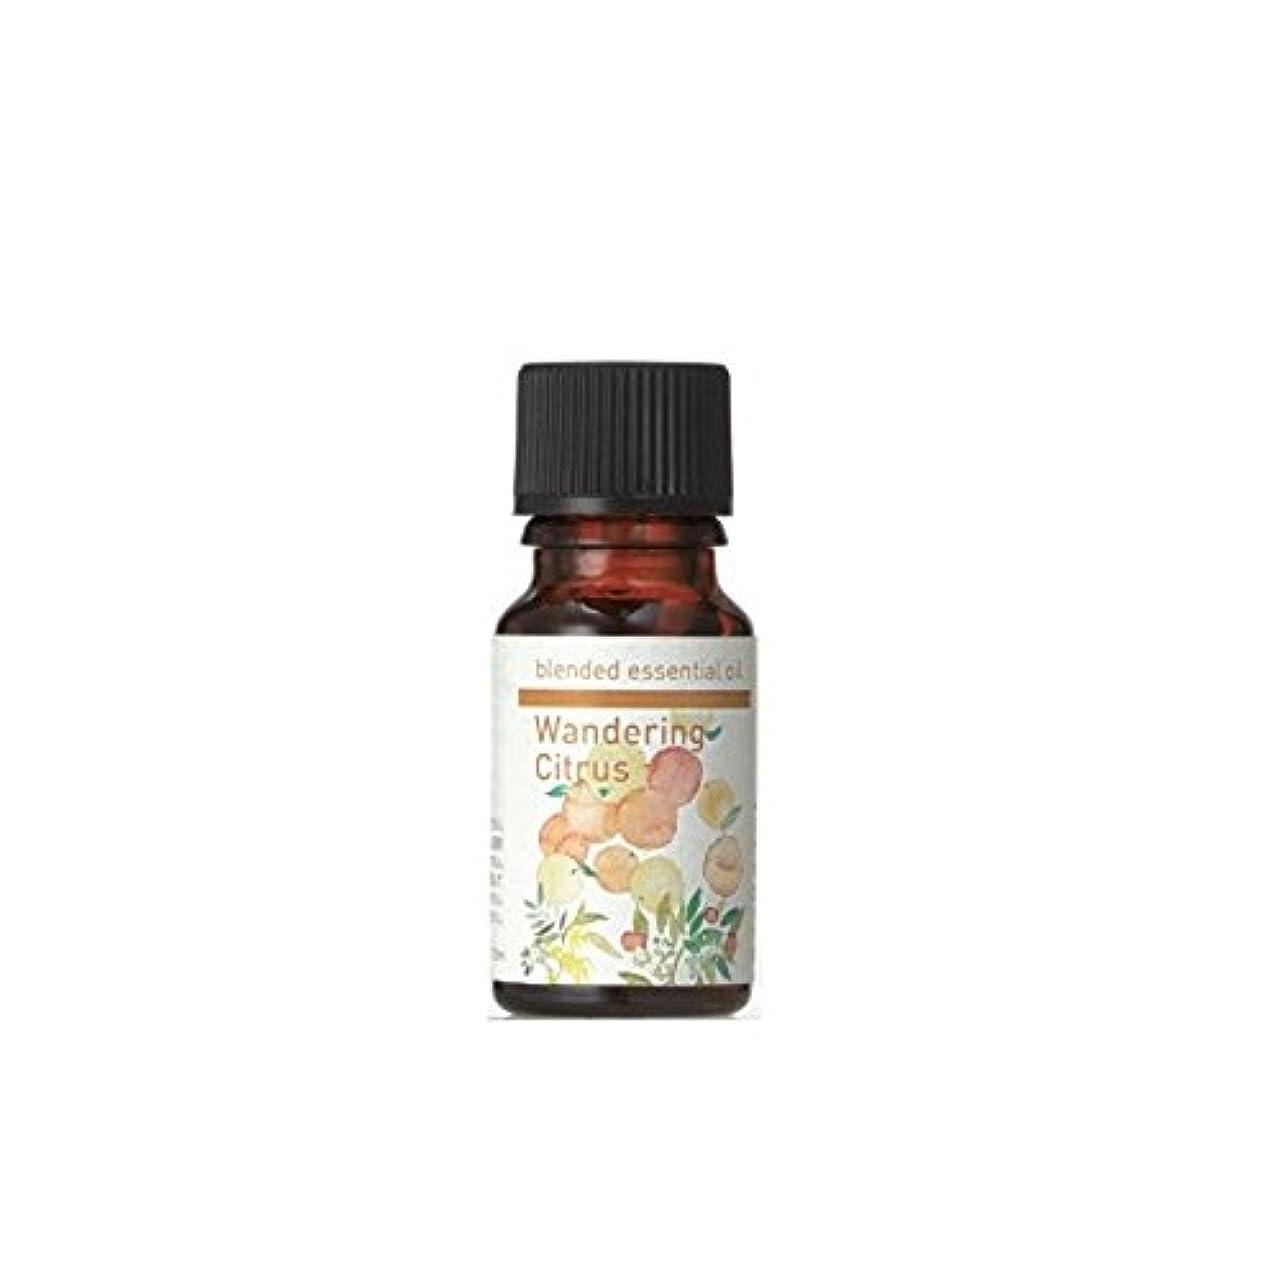 事センターすり減る生活の木 ブレンドエッセンシャルオイル ワンダリングシトラス [30ml] エッセンシャルオイル/精油